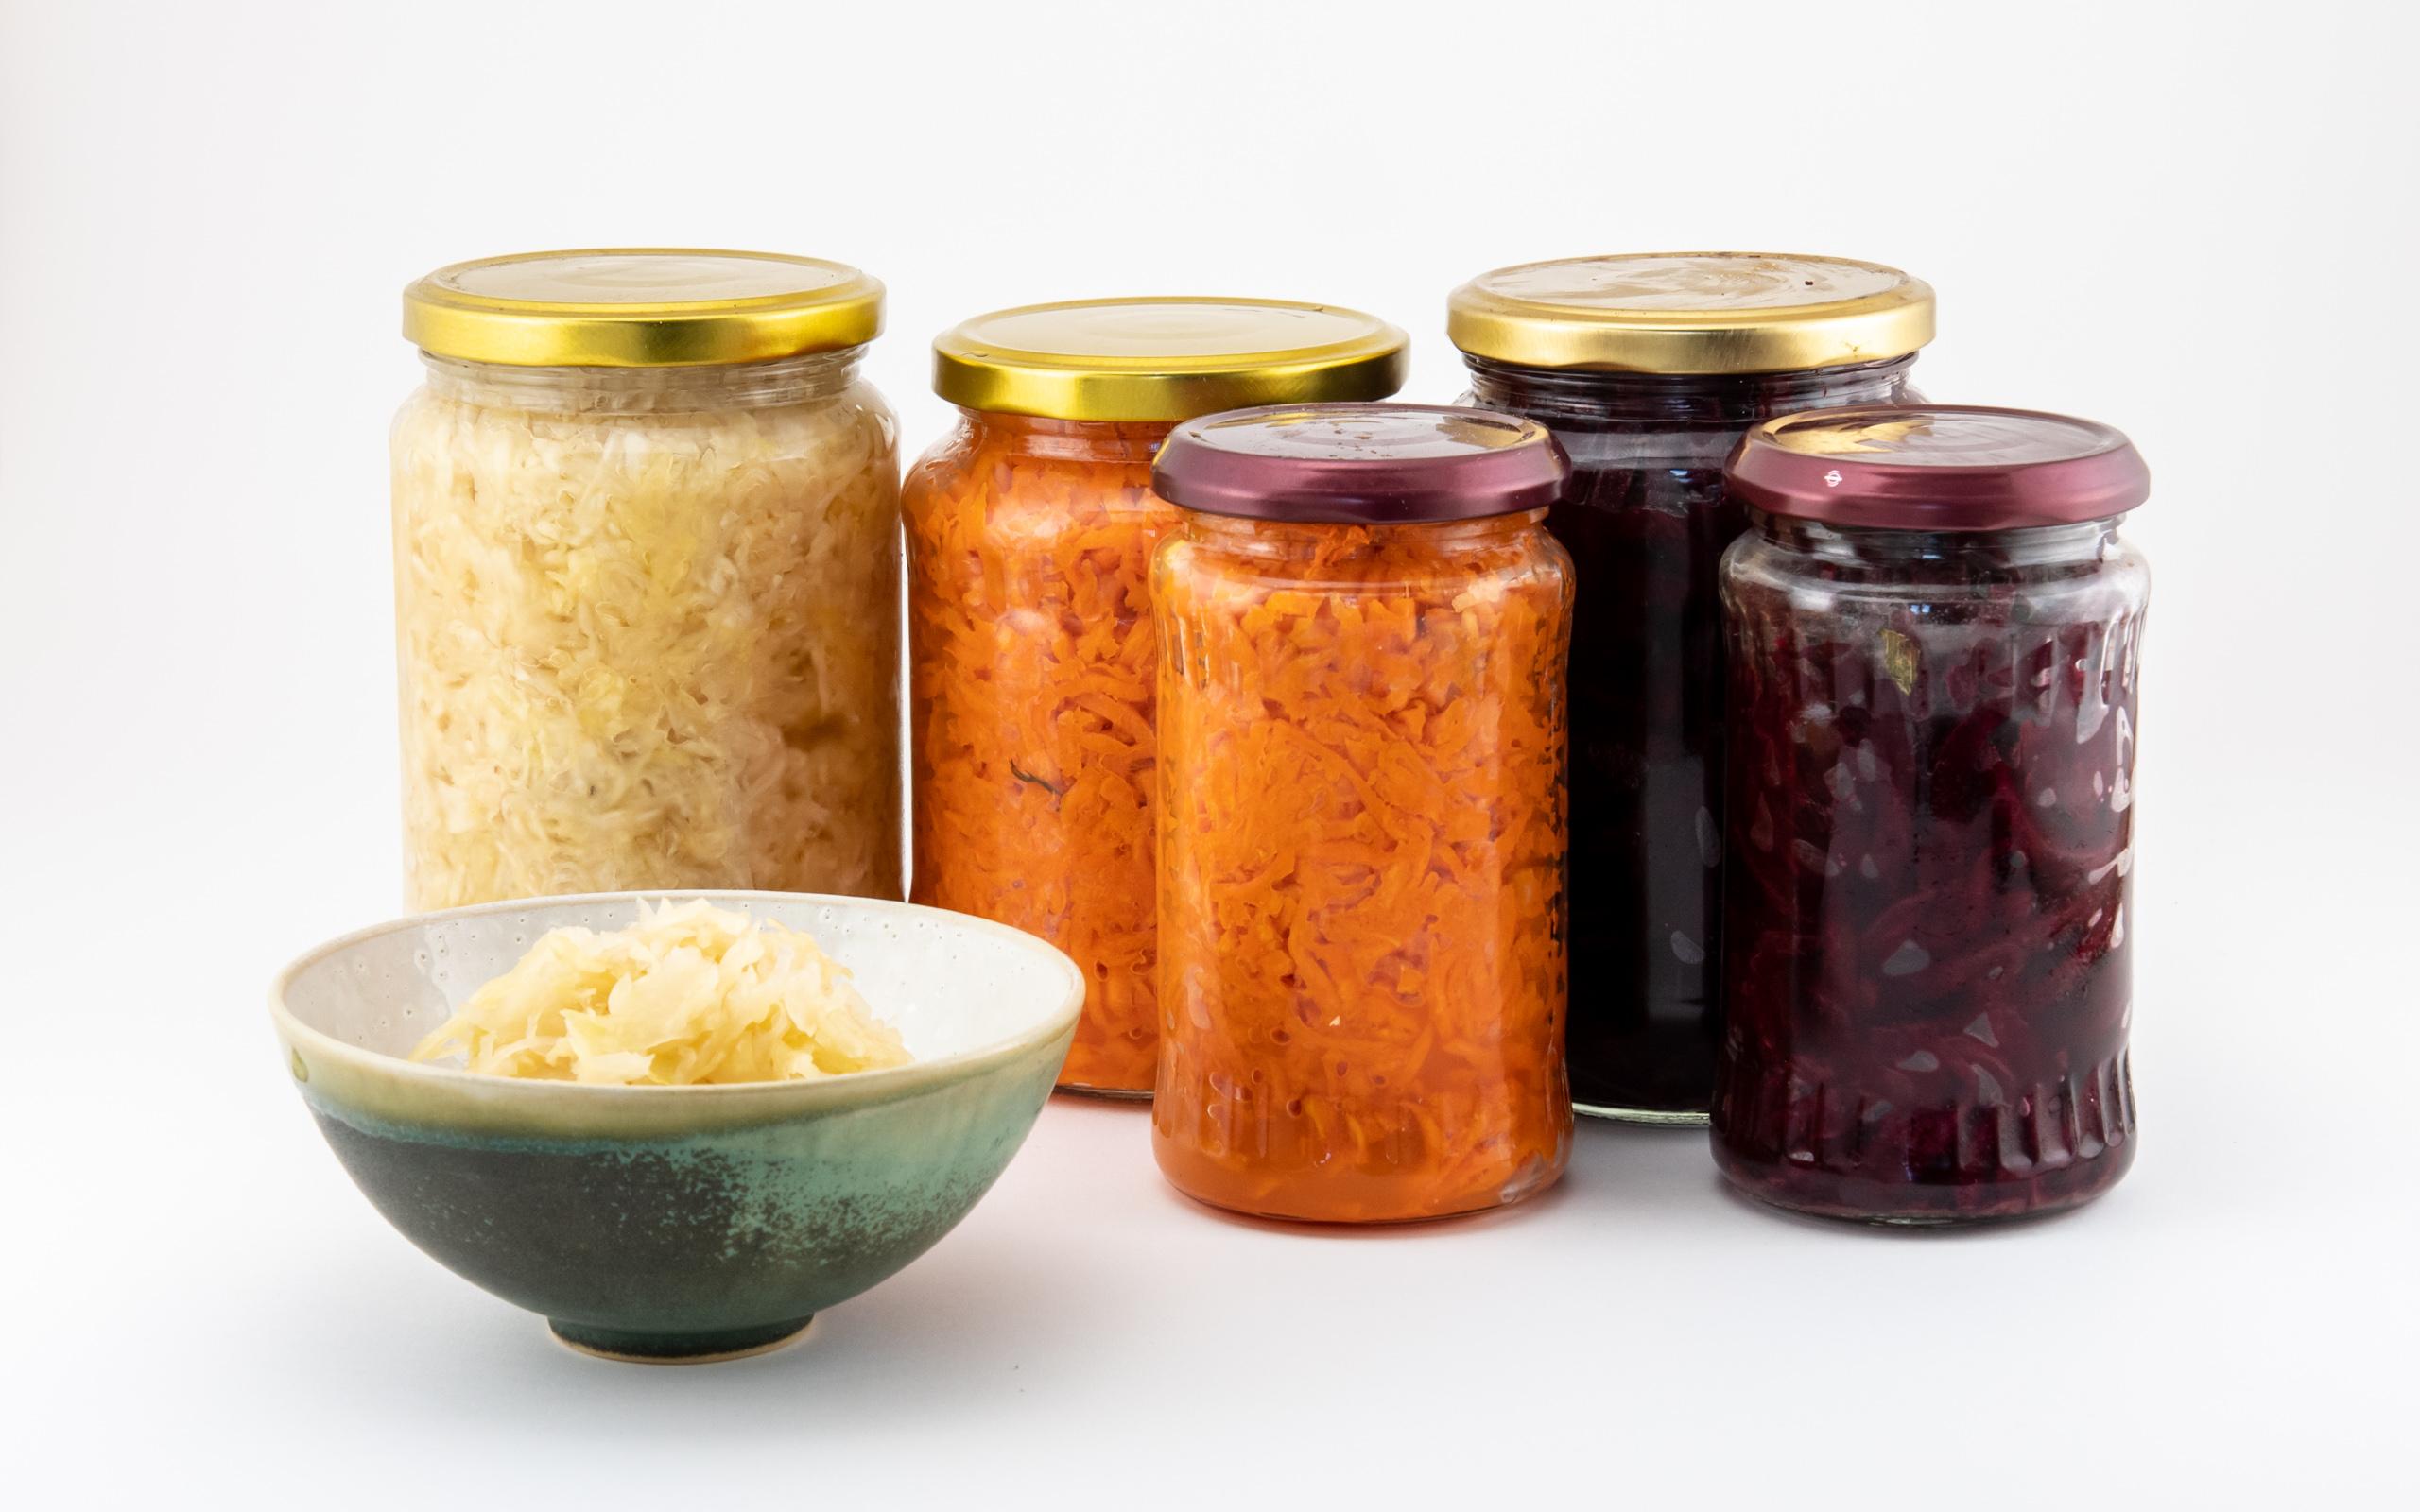 Fermentált biozöldségek: káposzta, répa, cékla - Rózsa Imre biogazda